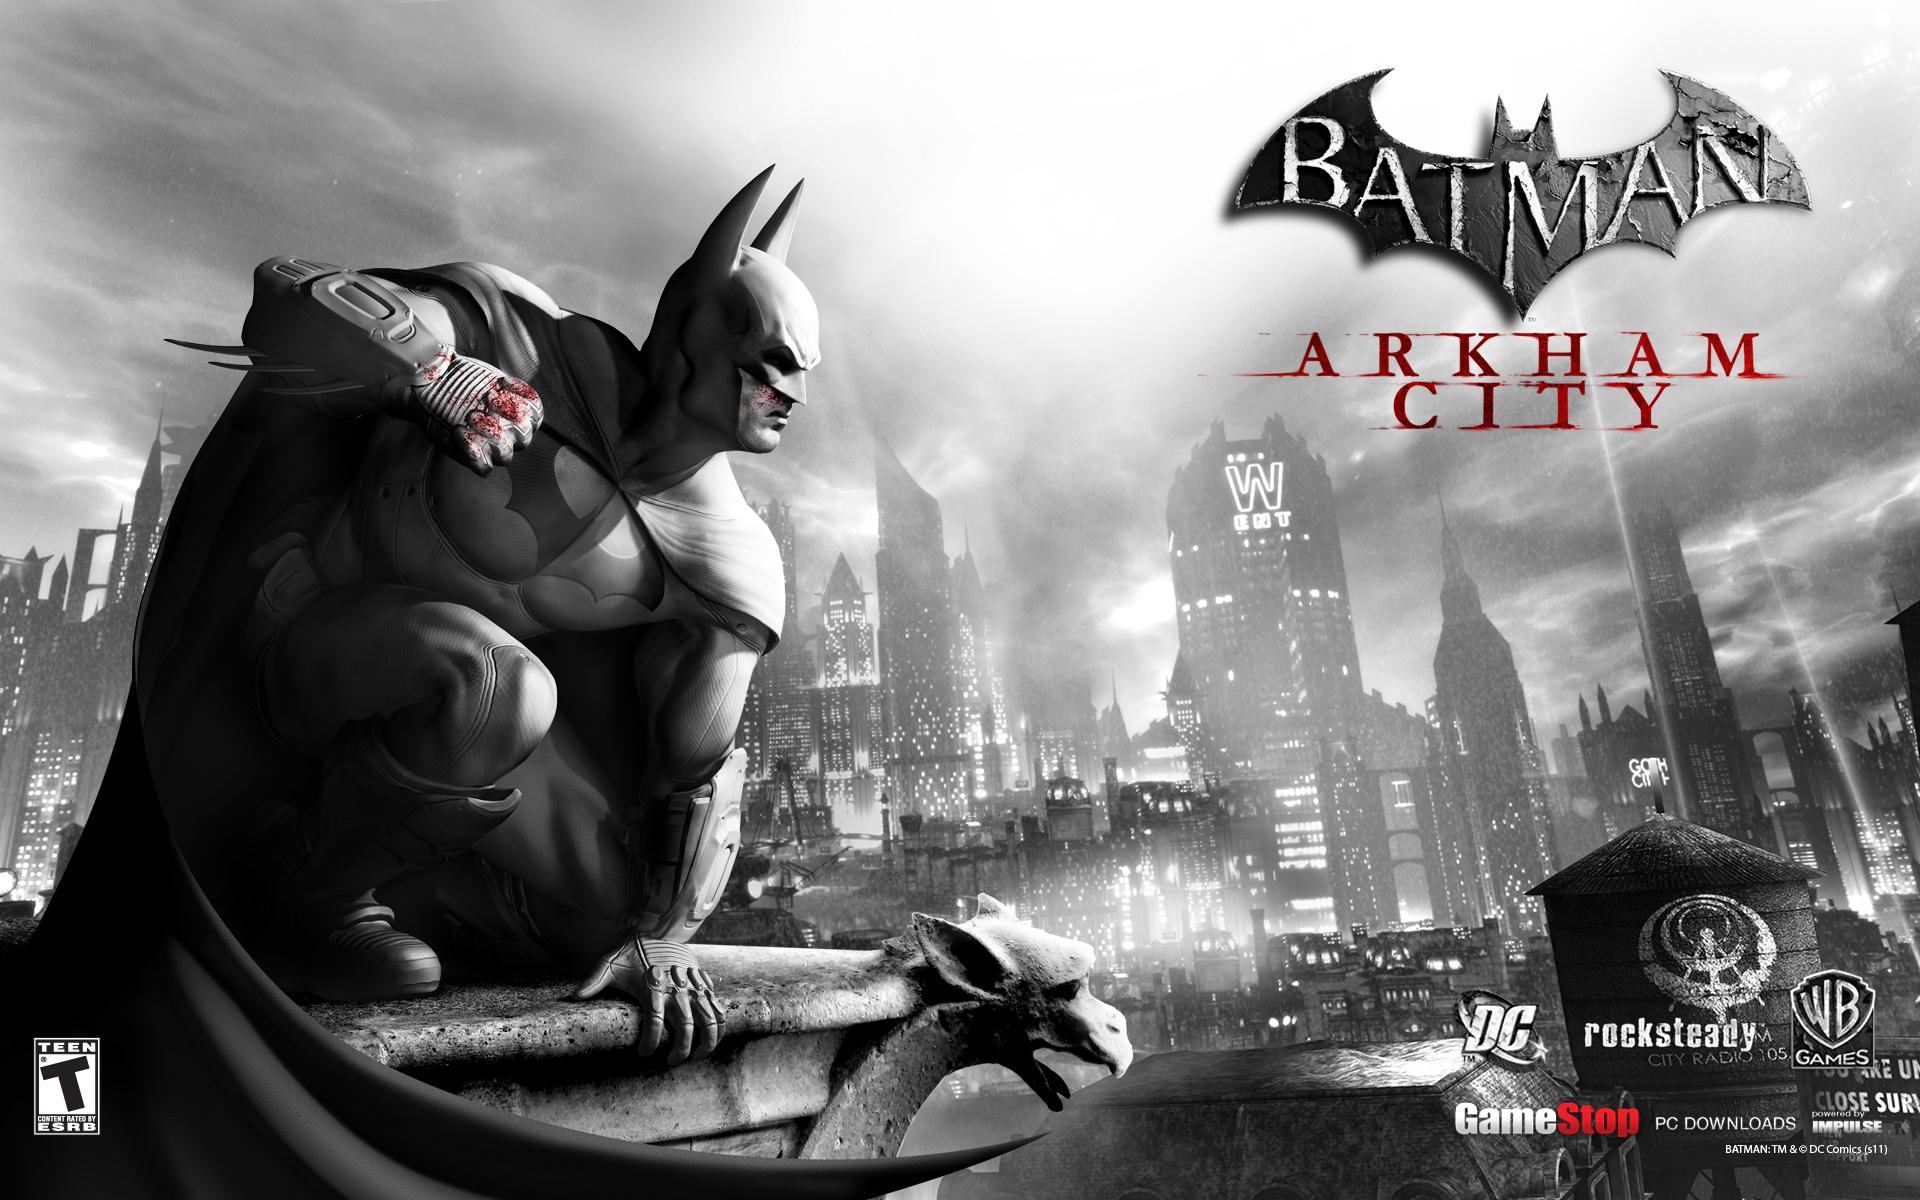 batman arkham city wallpapers - wallpapersafari